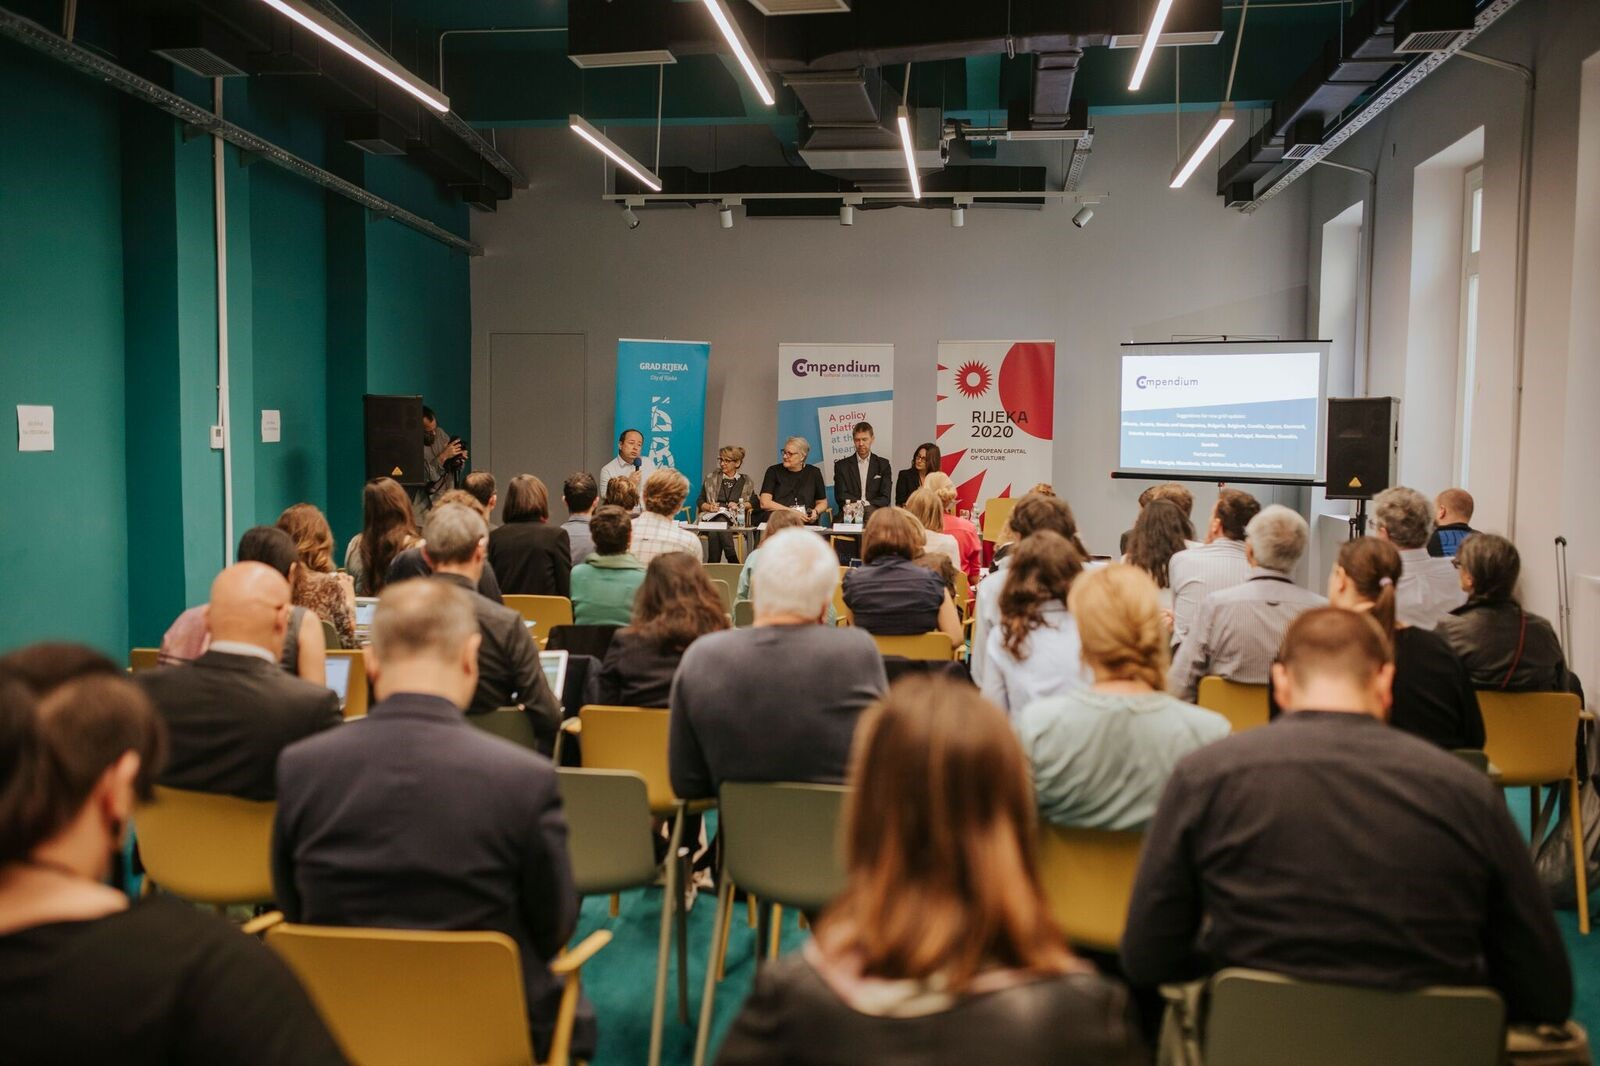 Javnim forumom u Rijeci zaključen Kompendij kulturnih politika u Europi